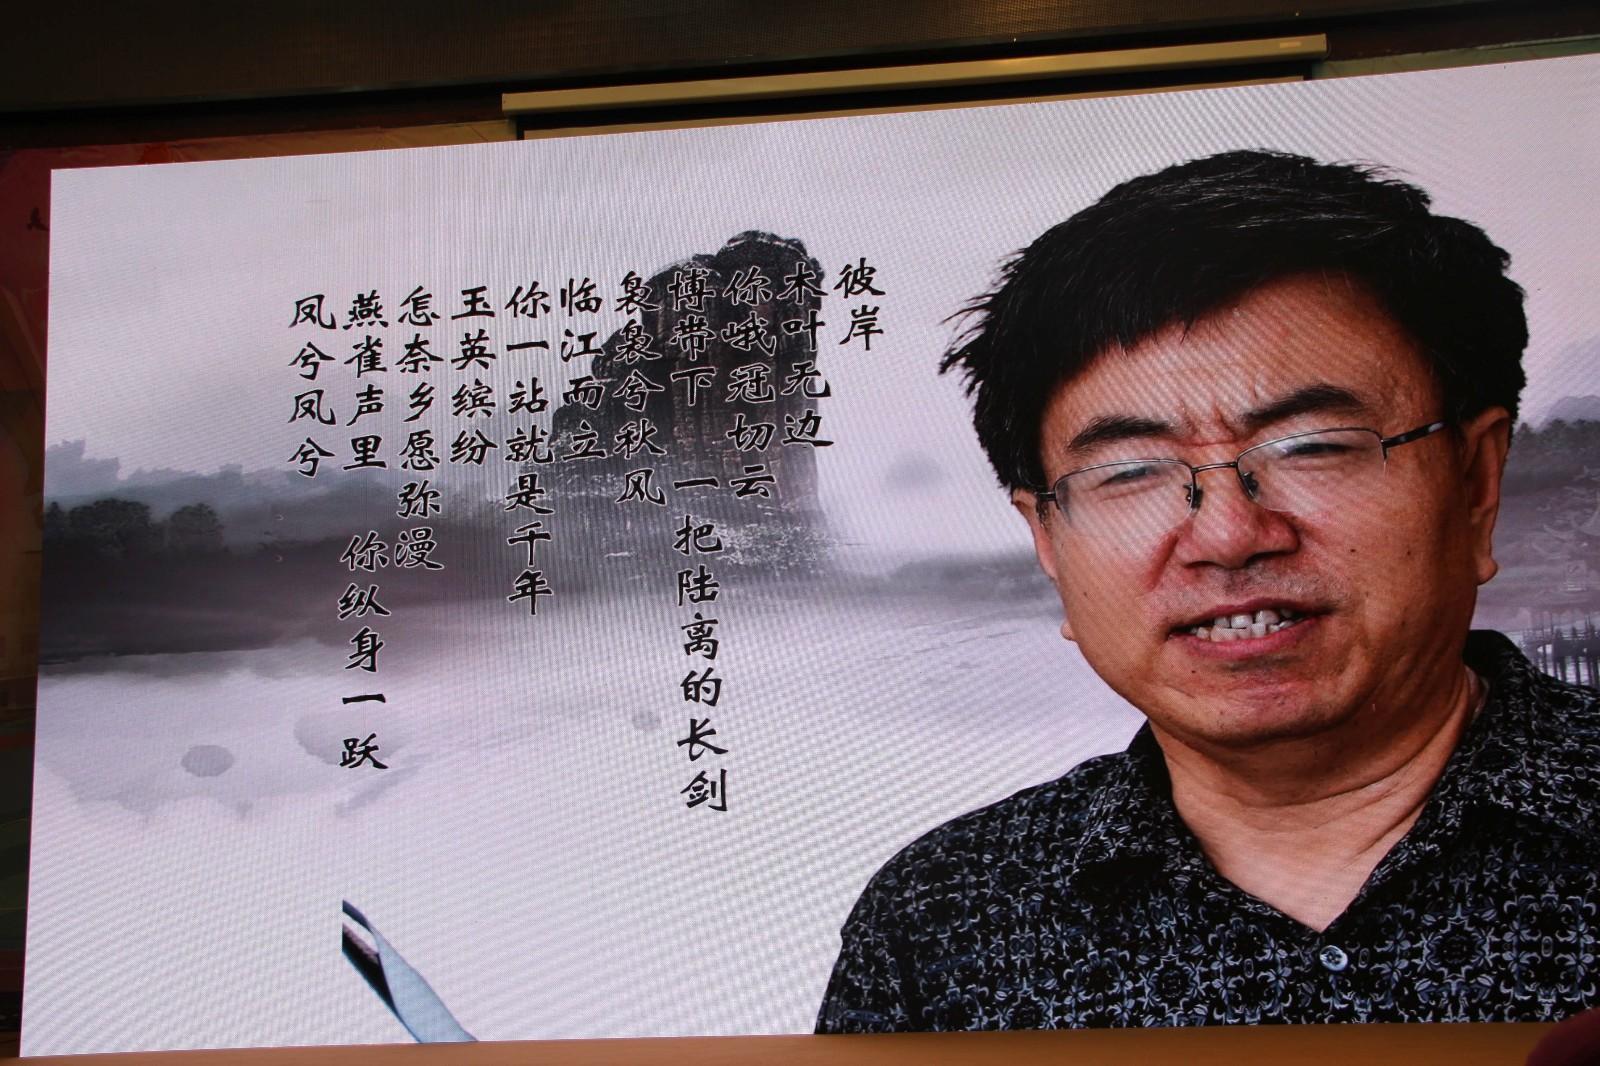 徐福文老师朗诵原创诗词.jpg